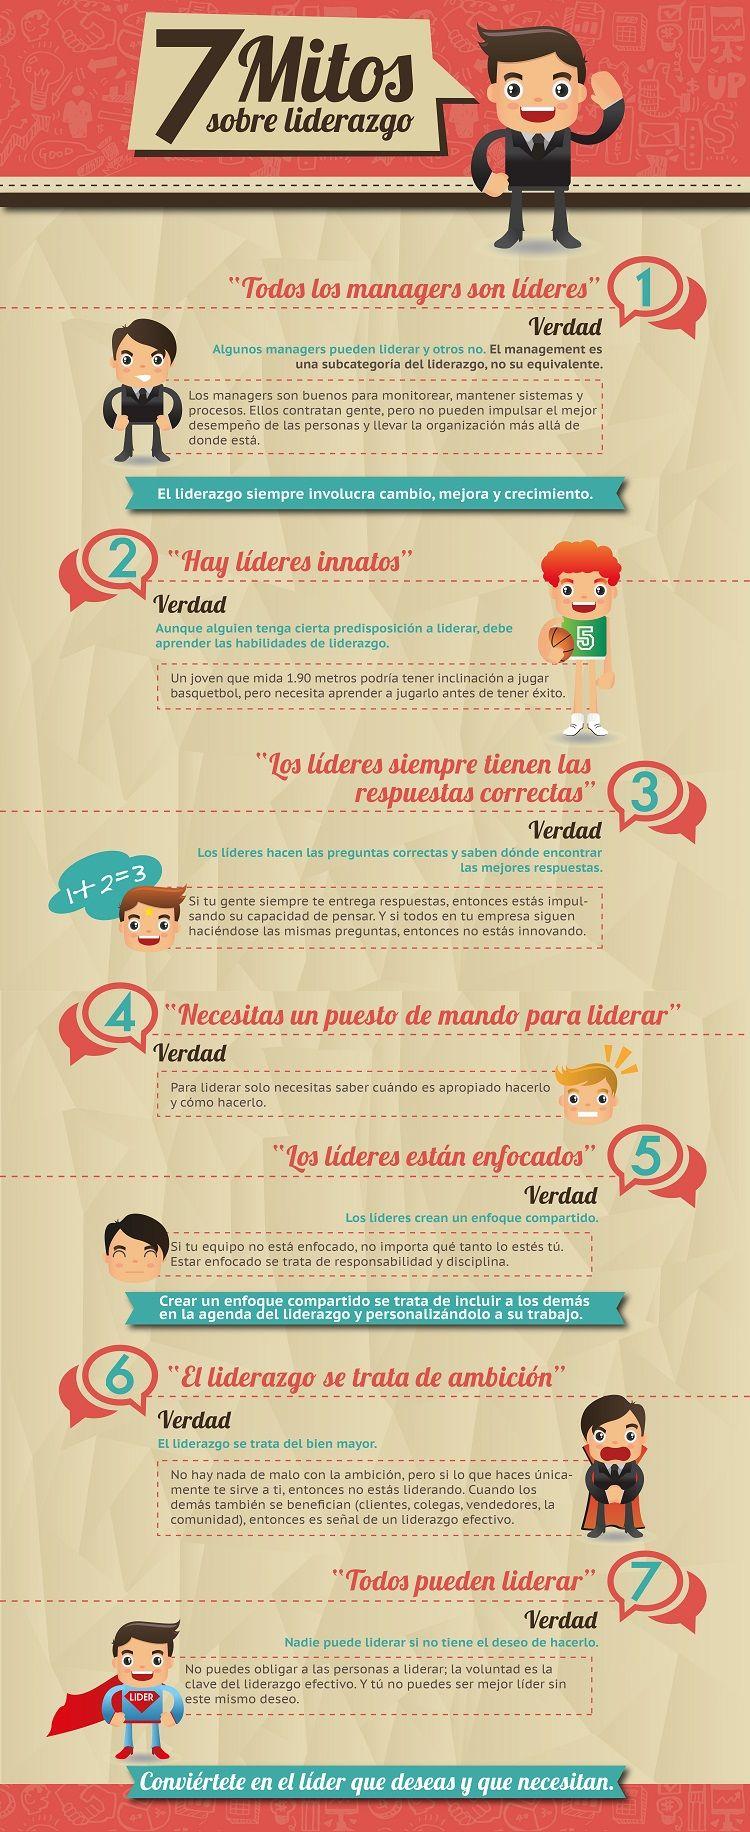 7 Mitos sobre Liderazgo (infografía)